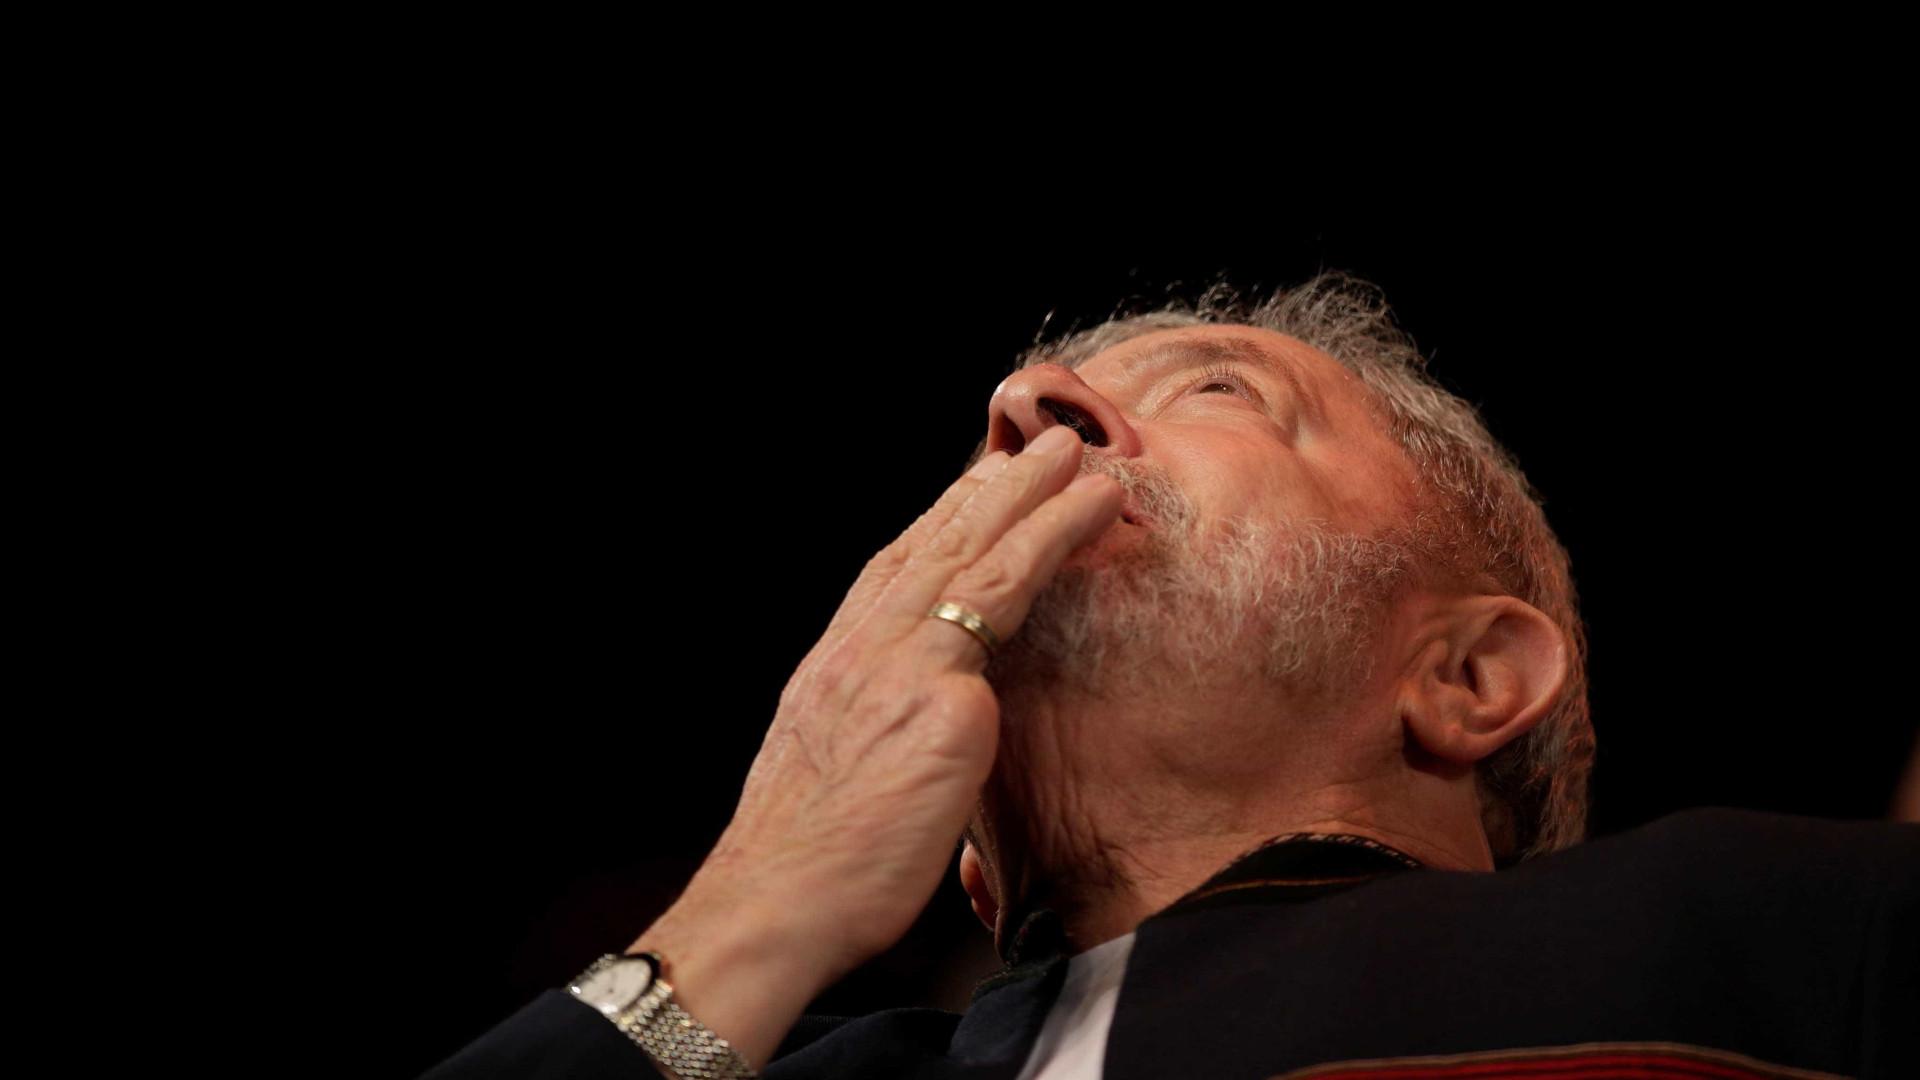 Juiz absolve Lula em processo sobre obstrução de Justiça